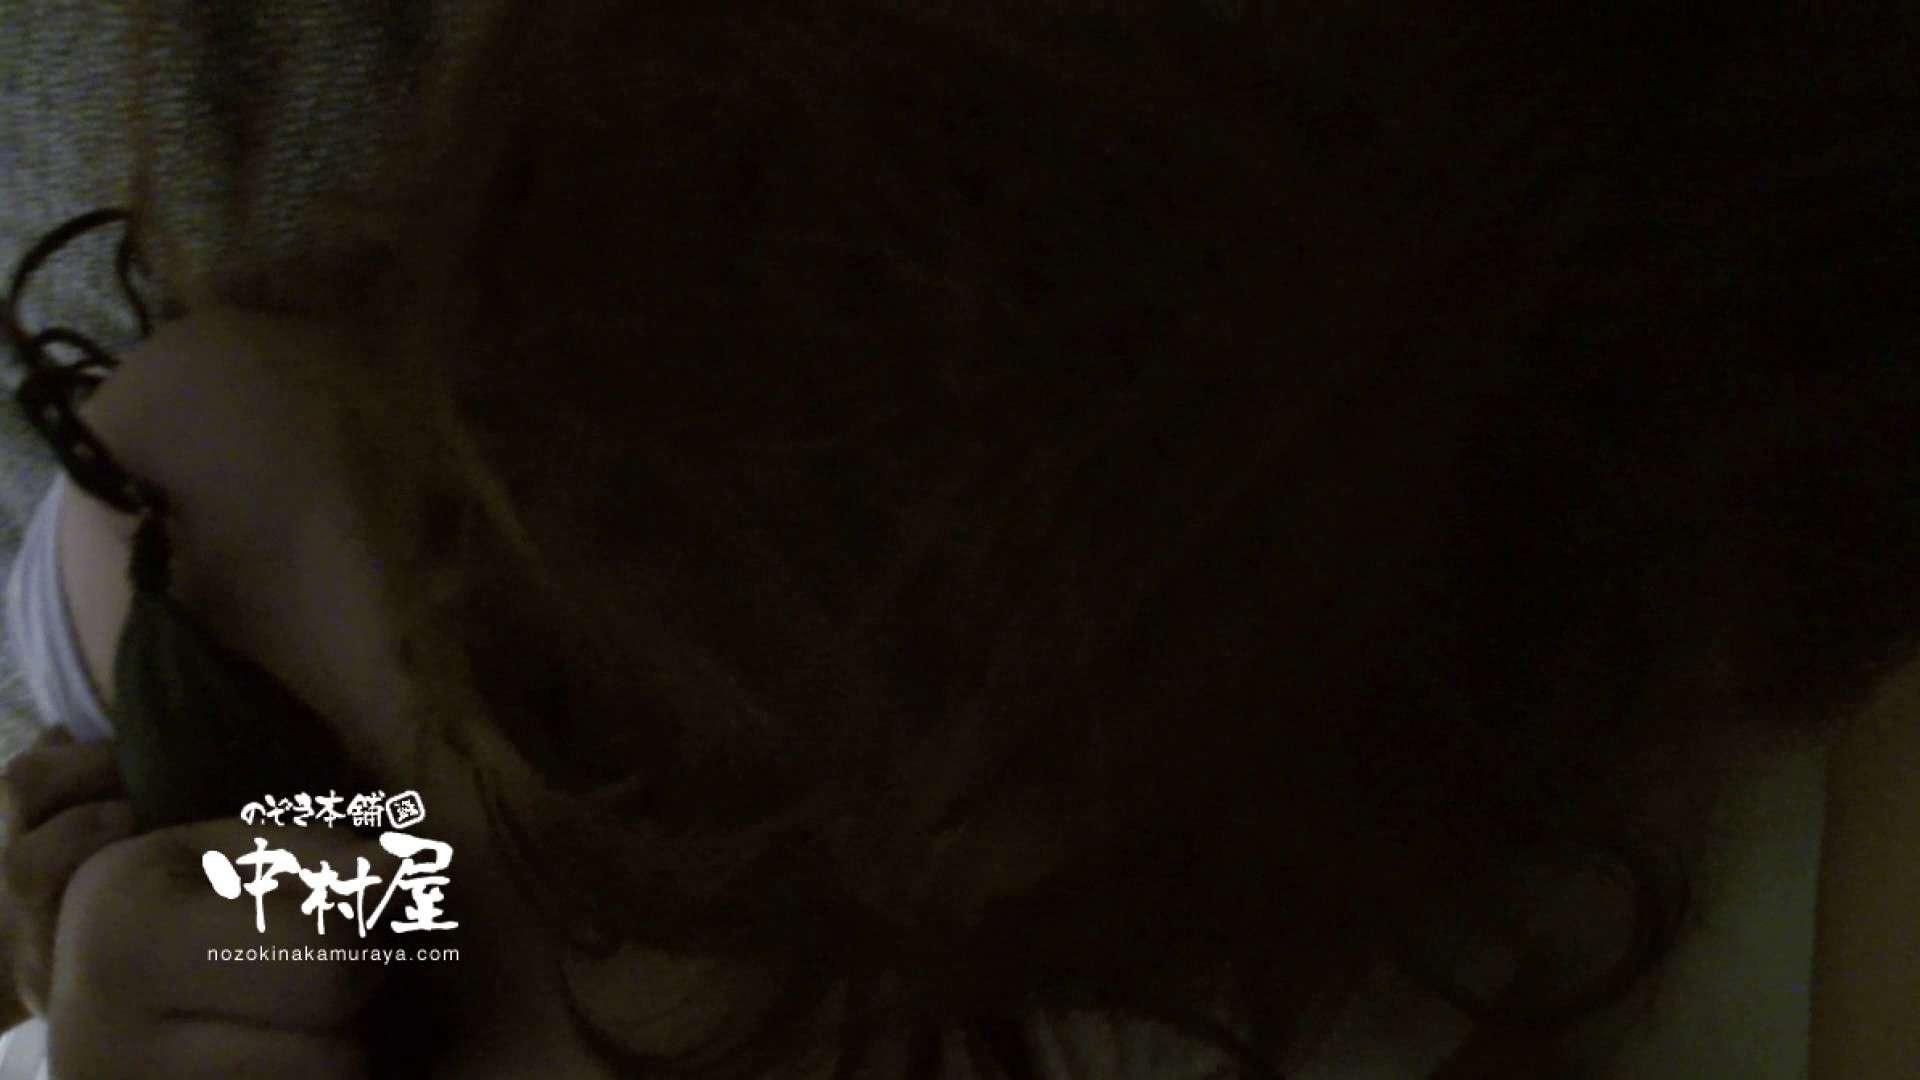 鬼畜 vol.08 極悪!妊娠覚悟の中出し! 後編 中出し 盗み撮り動画 98pic 63